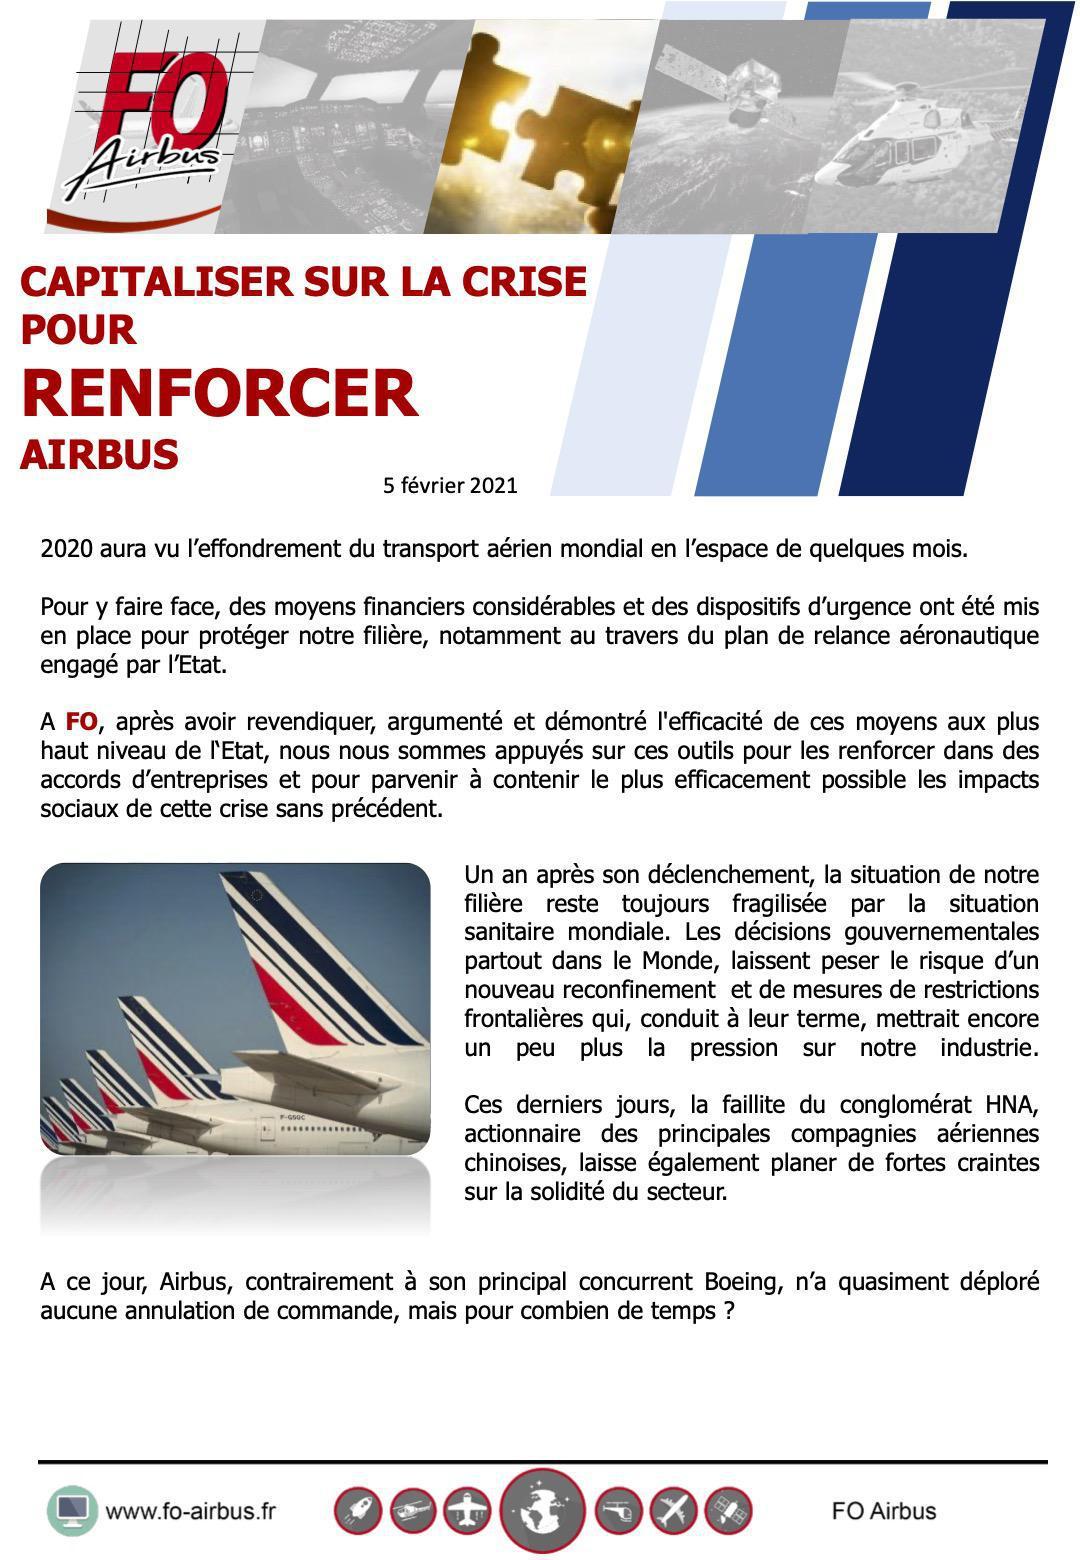 Capitaliser sur la crise pour renforcer Airbus